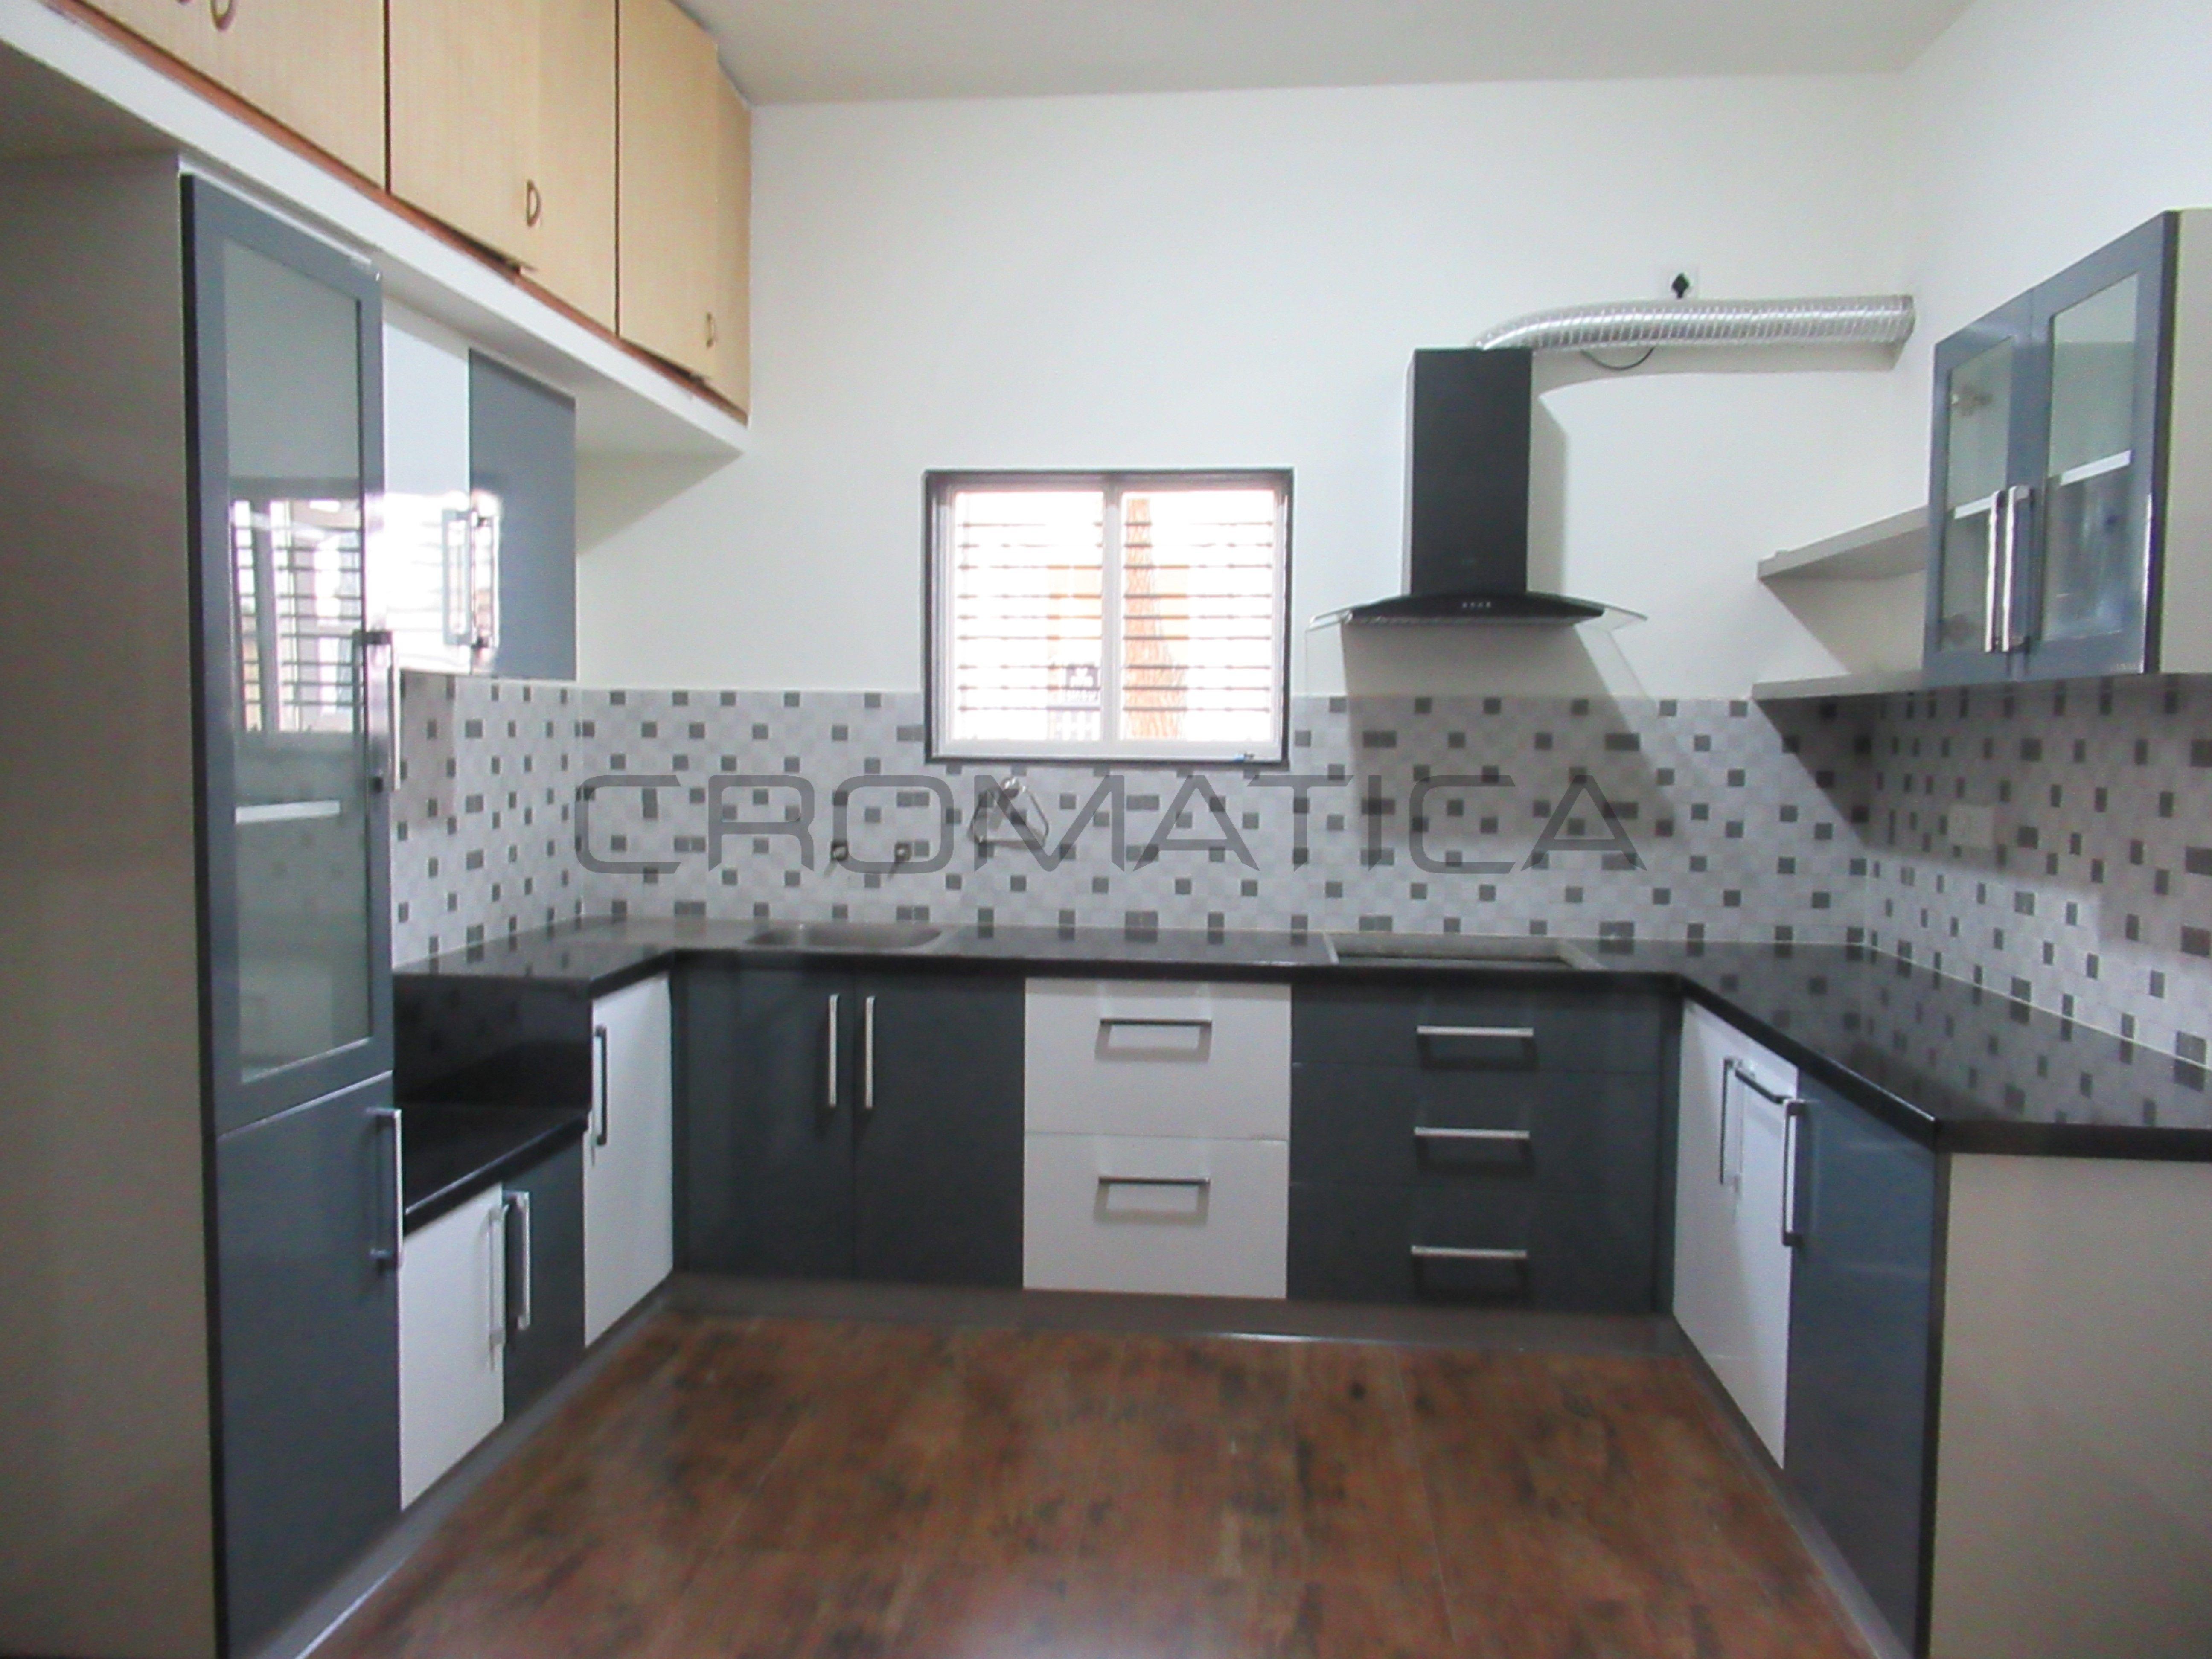 Stainless Steel Modular Kitchen In 2020 Kitchen Furniture Design Indian Kitchen Design Ideas Kitchen Wardrobe Design